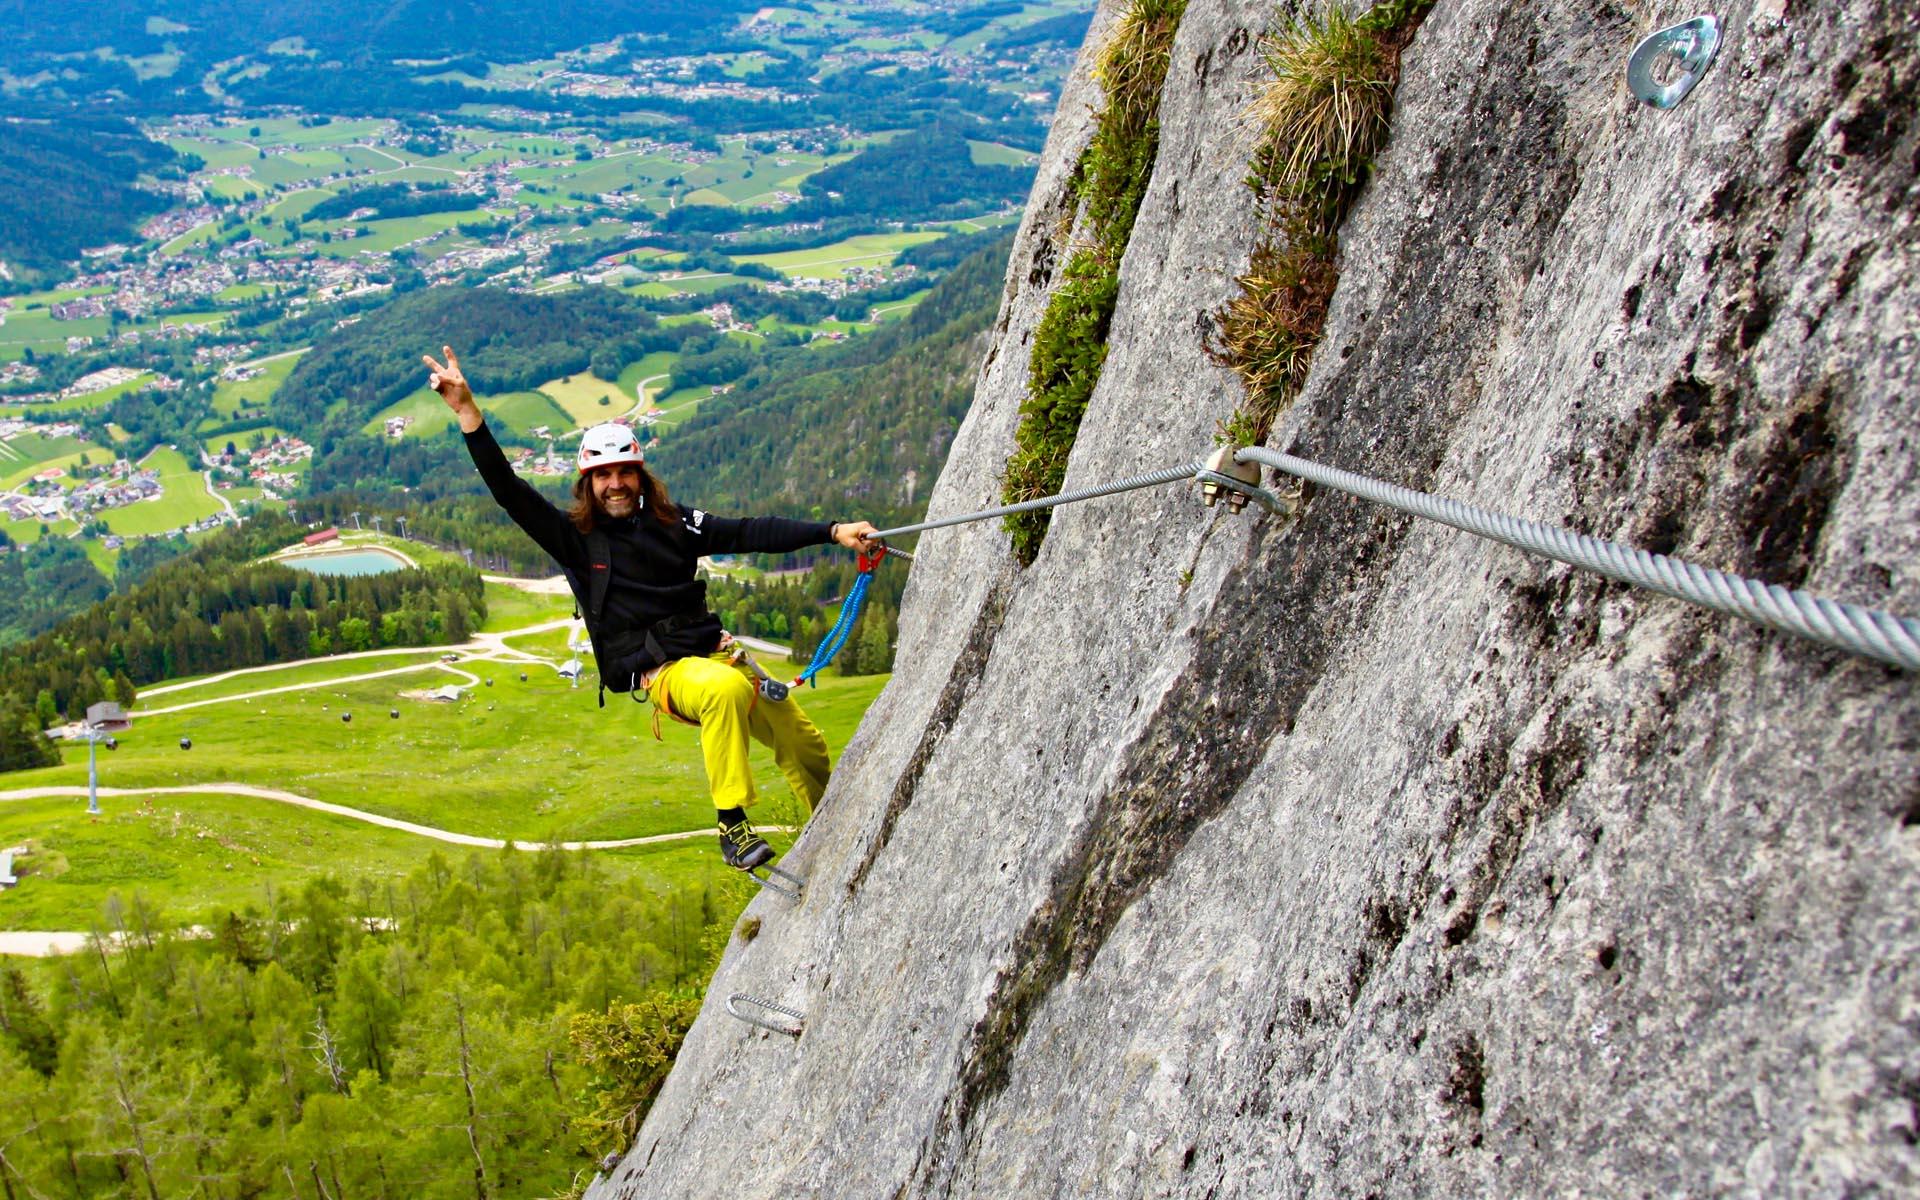 Klettersteig Set Leihen Berchtesgaden : Klettersteigschule klettersteigkurs